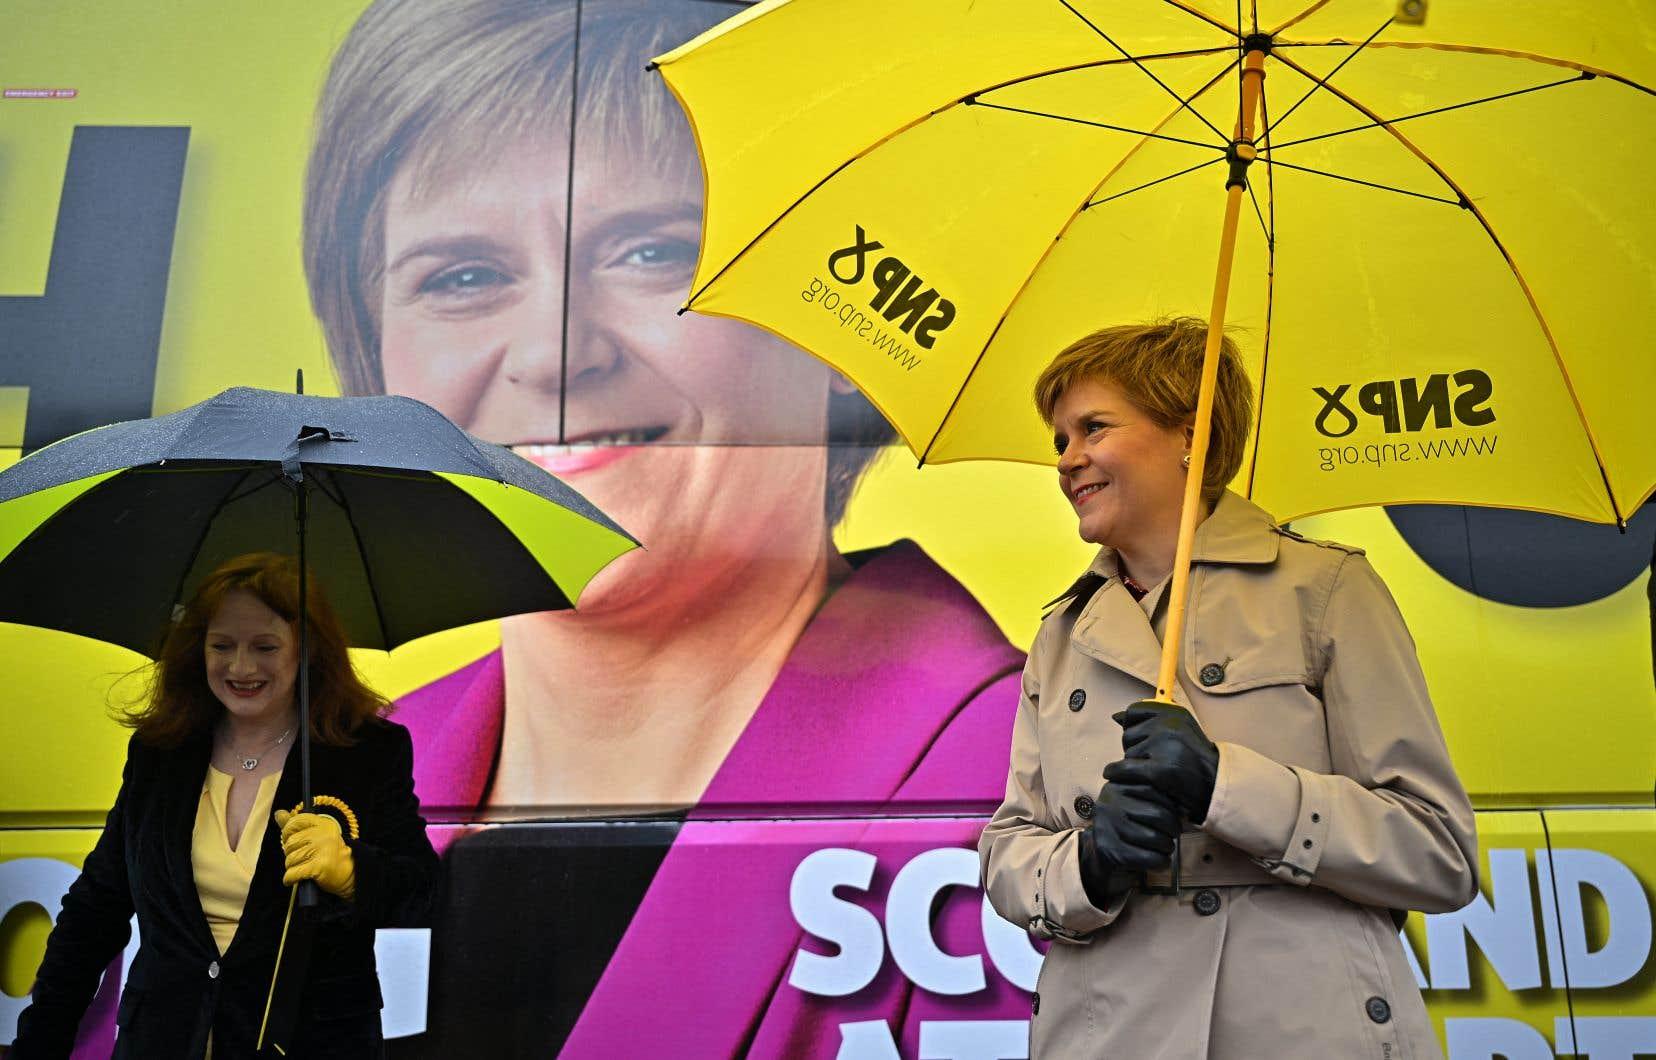 Si Nicola Sturgeon était réélue avec une majorité absolue de 65 députés, elle pourrait invoquer la légitimité des urnes pour forcer l'organisation d'un second référendum.